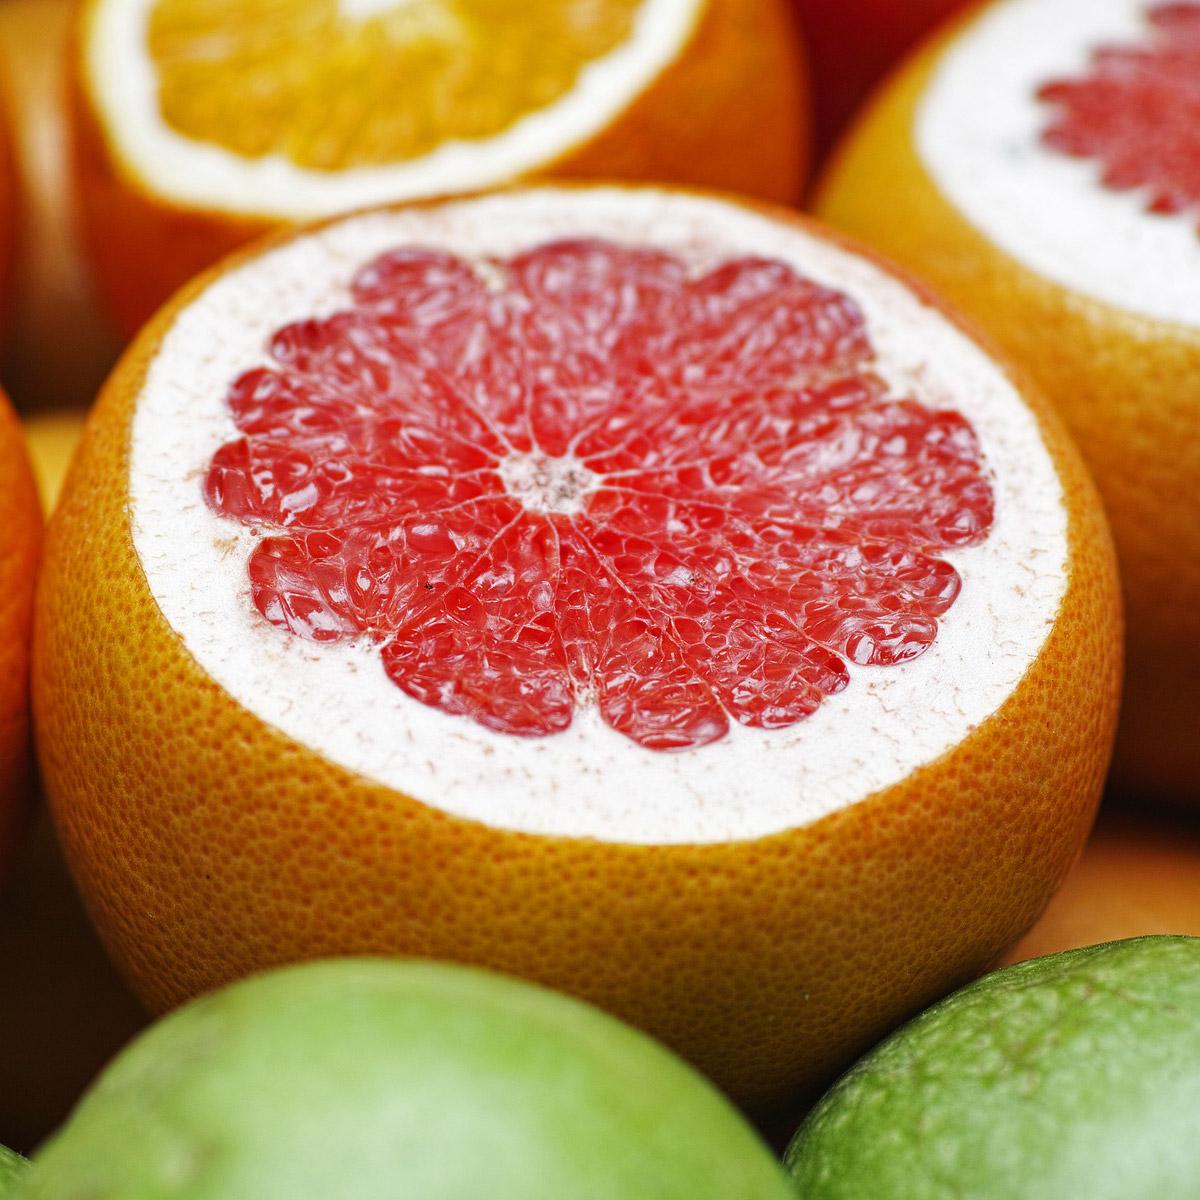 C-vitamiini pitää ikenet, verisuonet ja sisäelinten seinämät terveinä